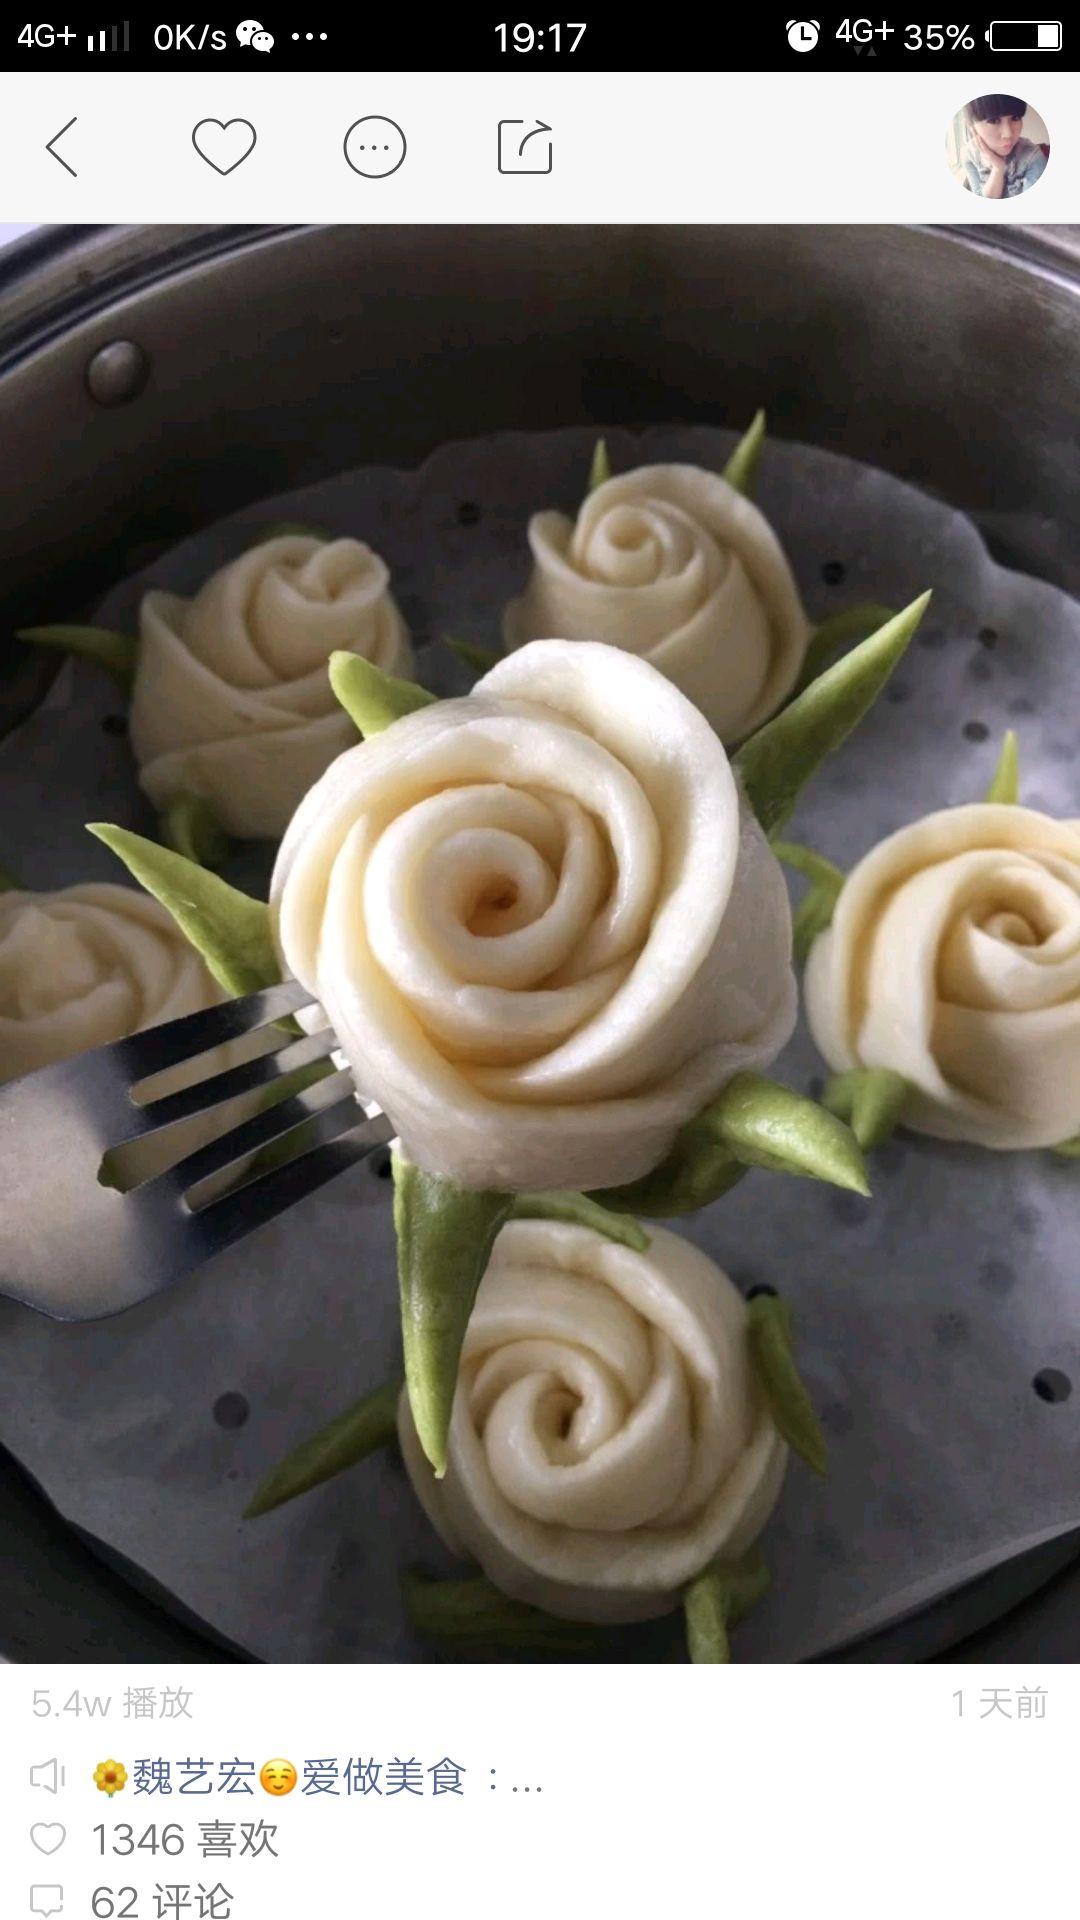 30~60分钟       主料 饺子皮些许 饺子馅些许 玫瑰花卷的做法步骤